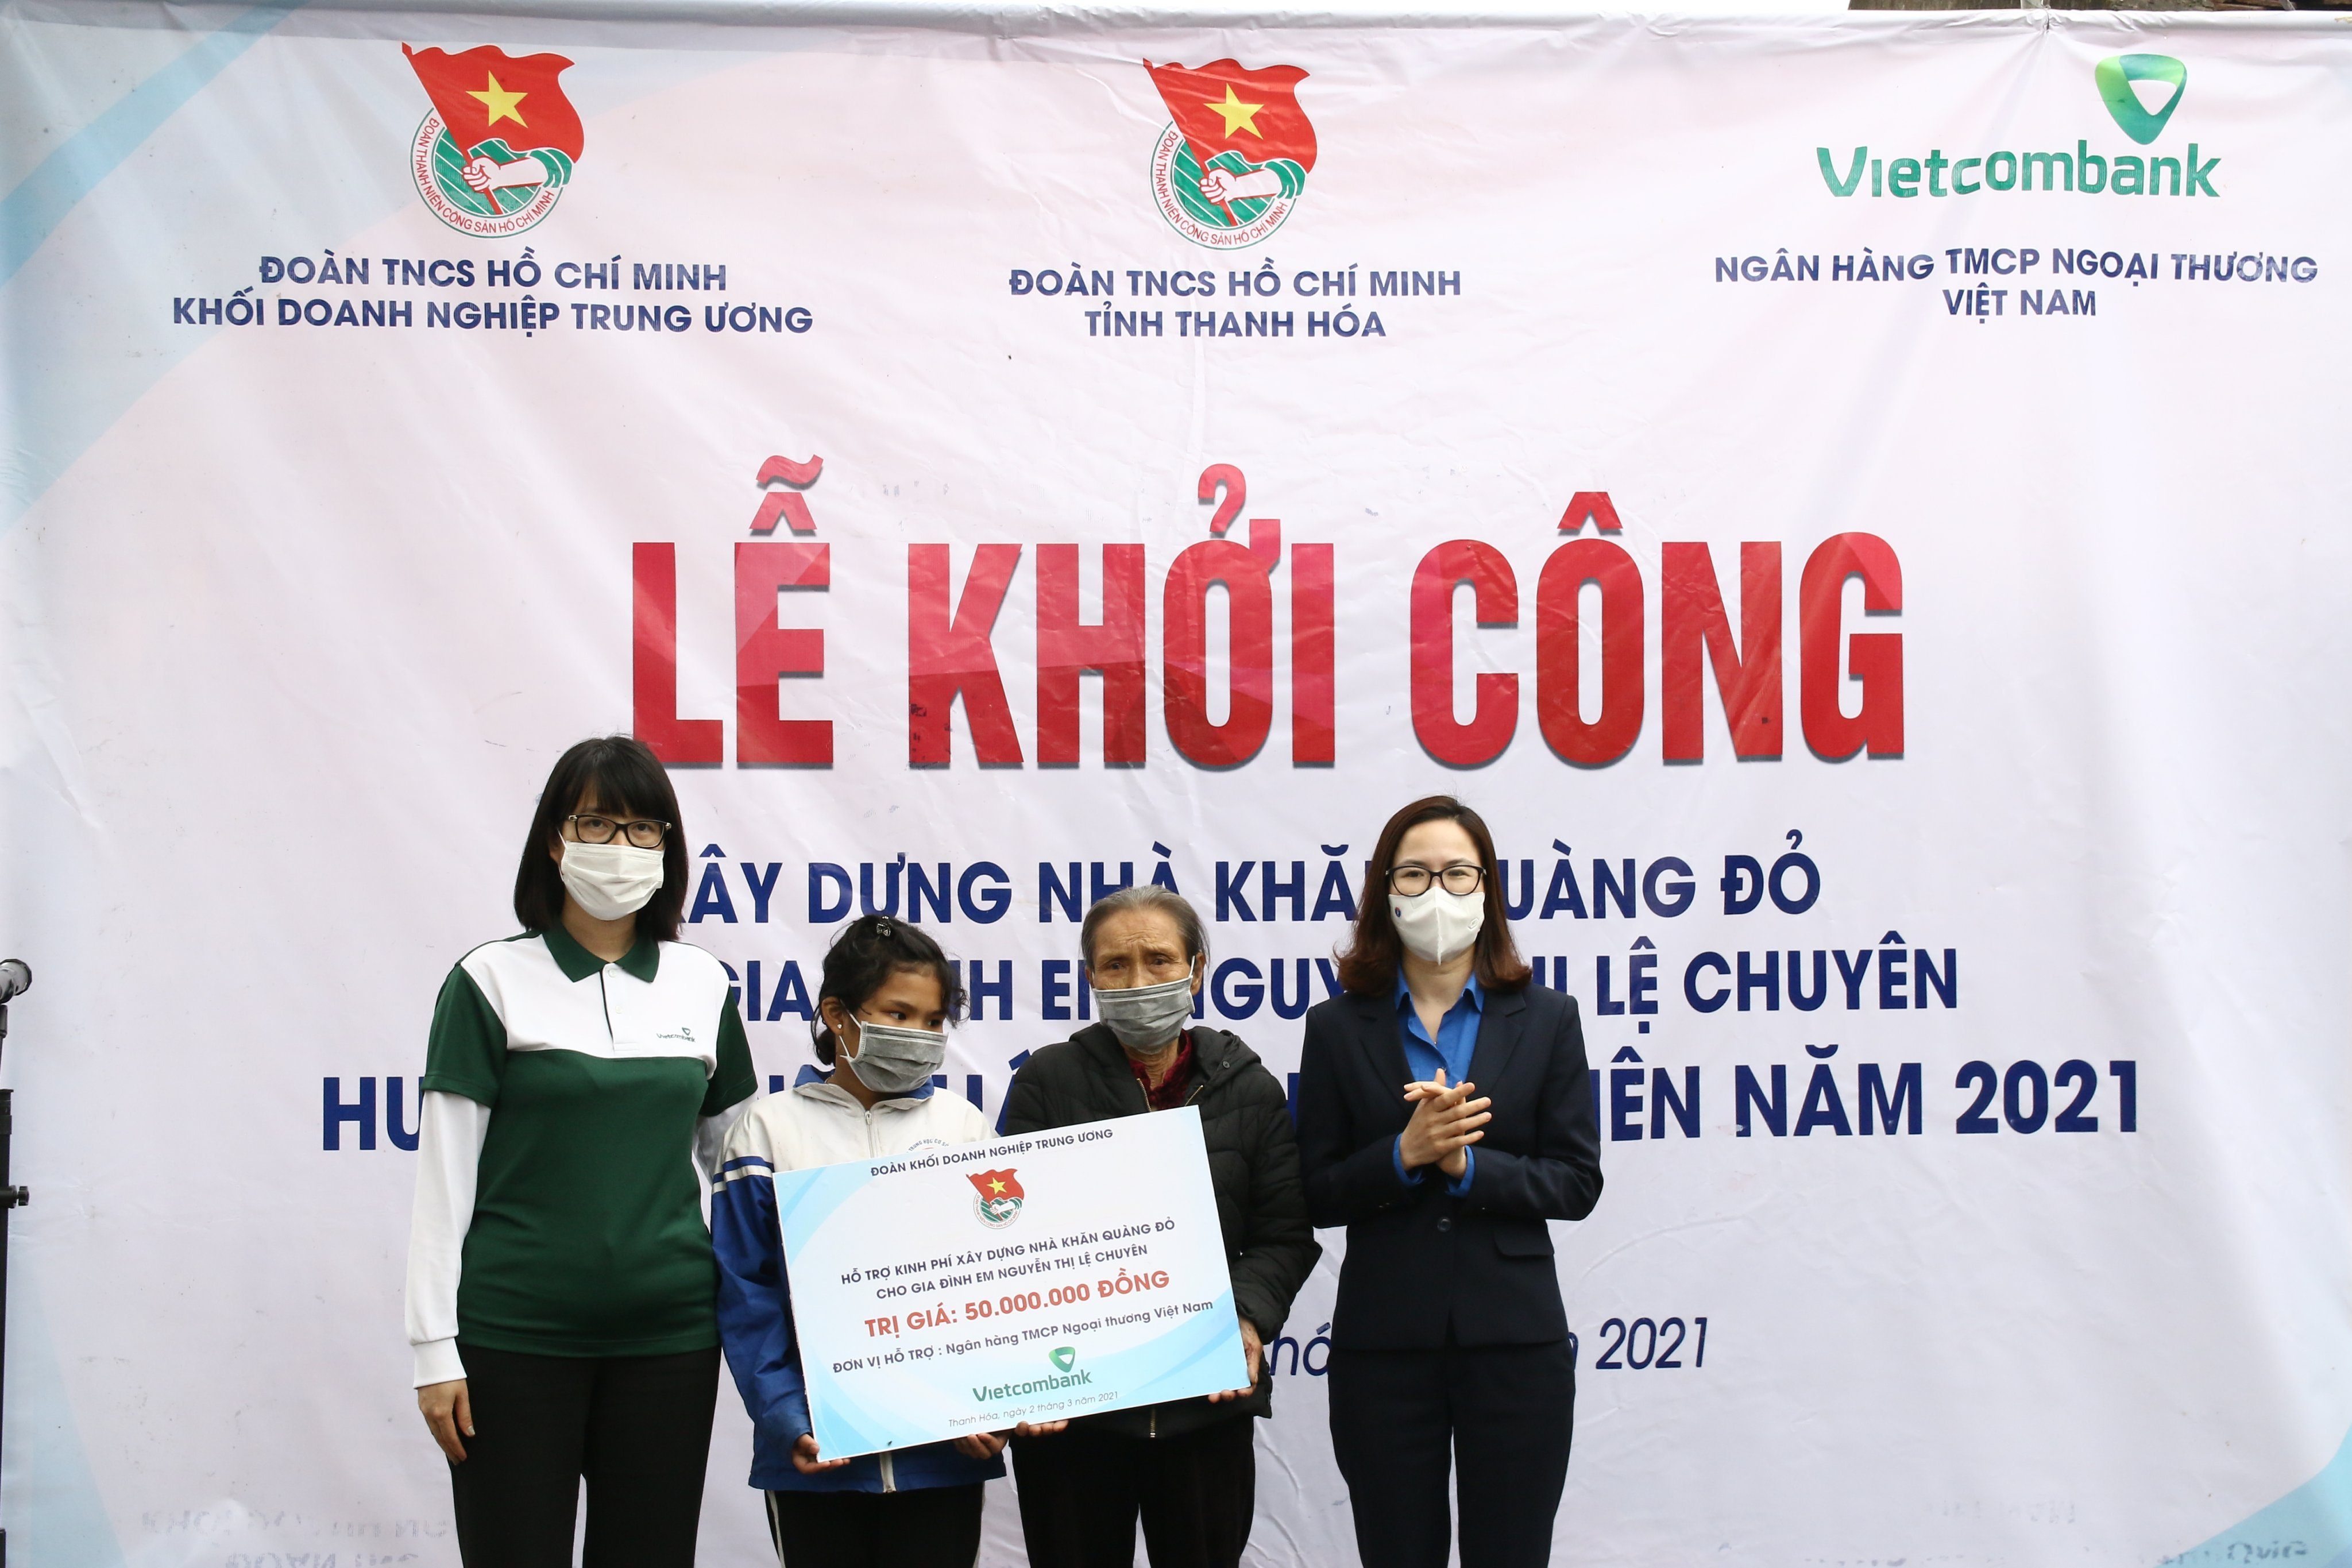 Một buổi lễ khởi công xây dựng nhà Khăn quàng đỏ trên địa bàn tỉnh Thanh Hóa